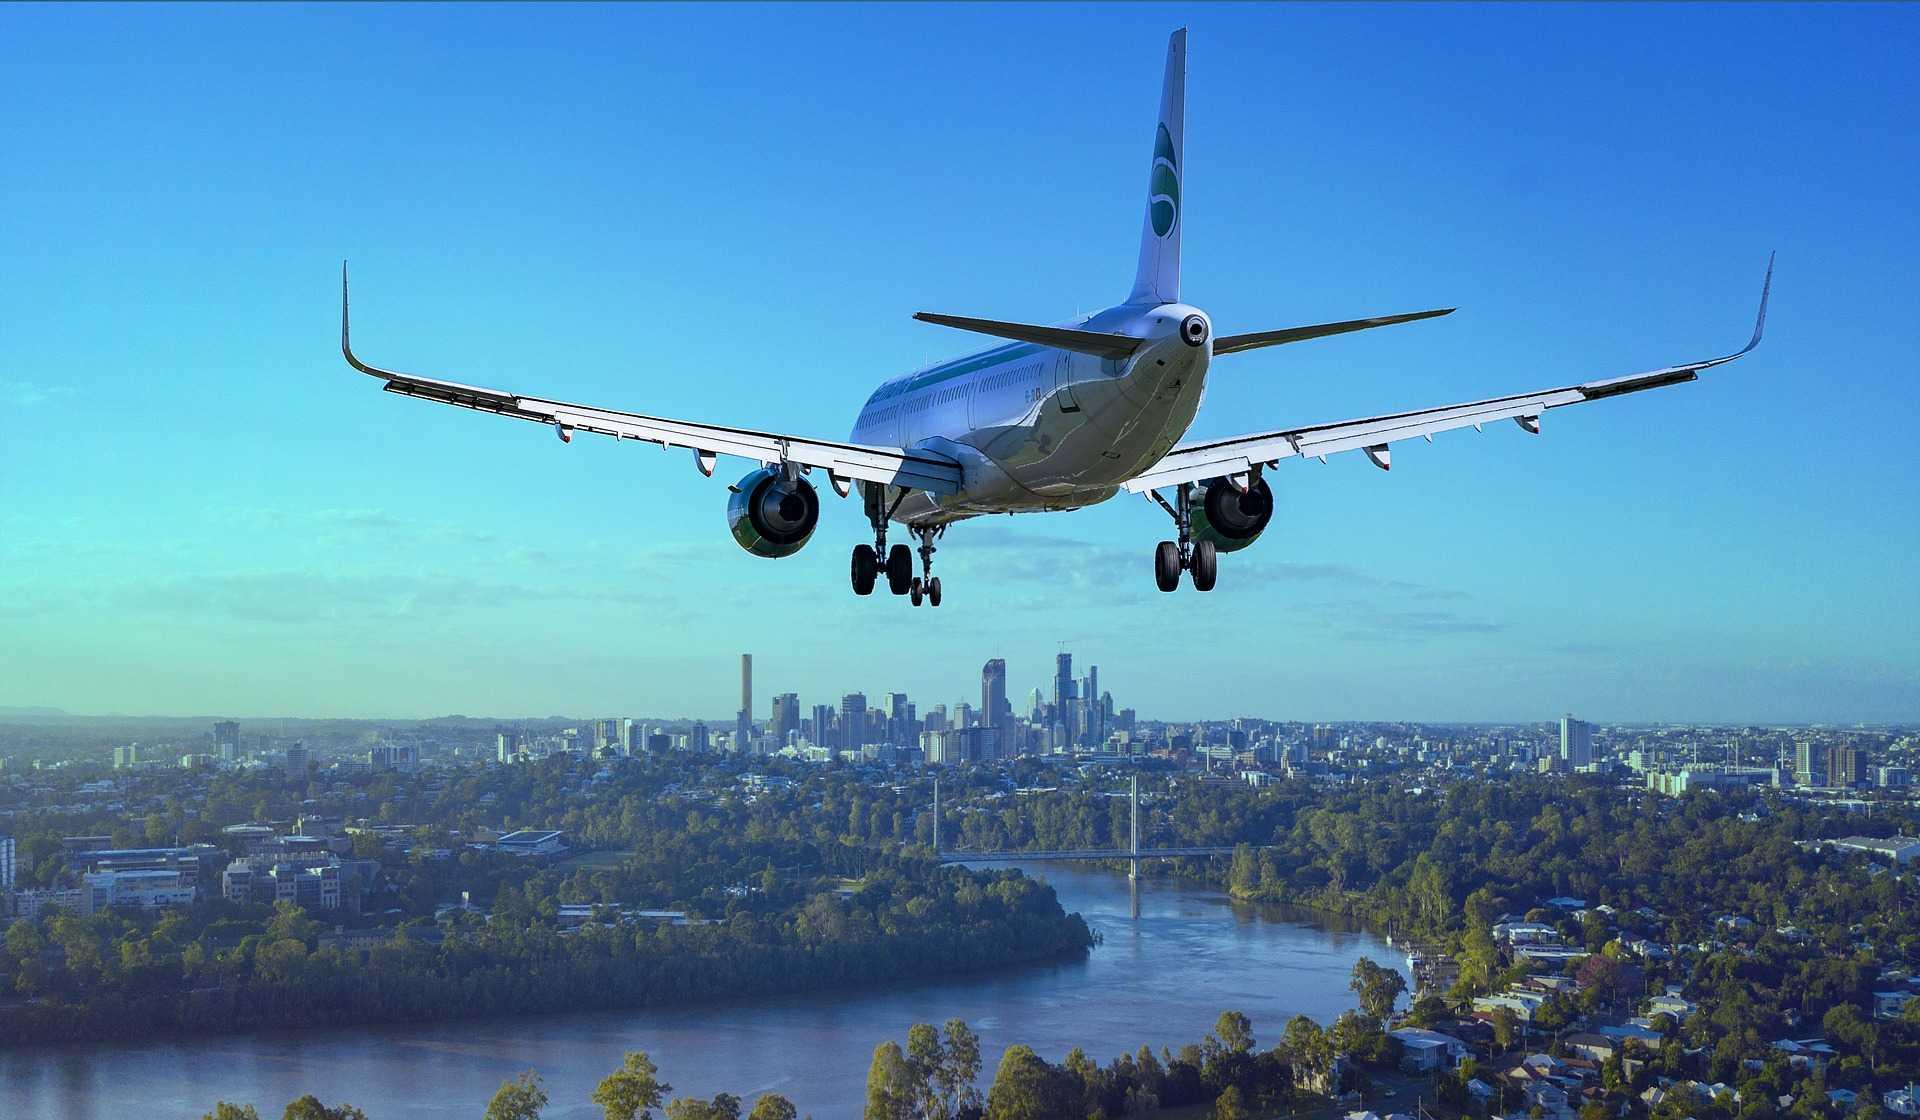 L'oiseau de proie conçu par Airbus : Nouvel avion hybride à l'allure de rapace